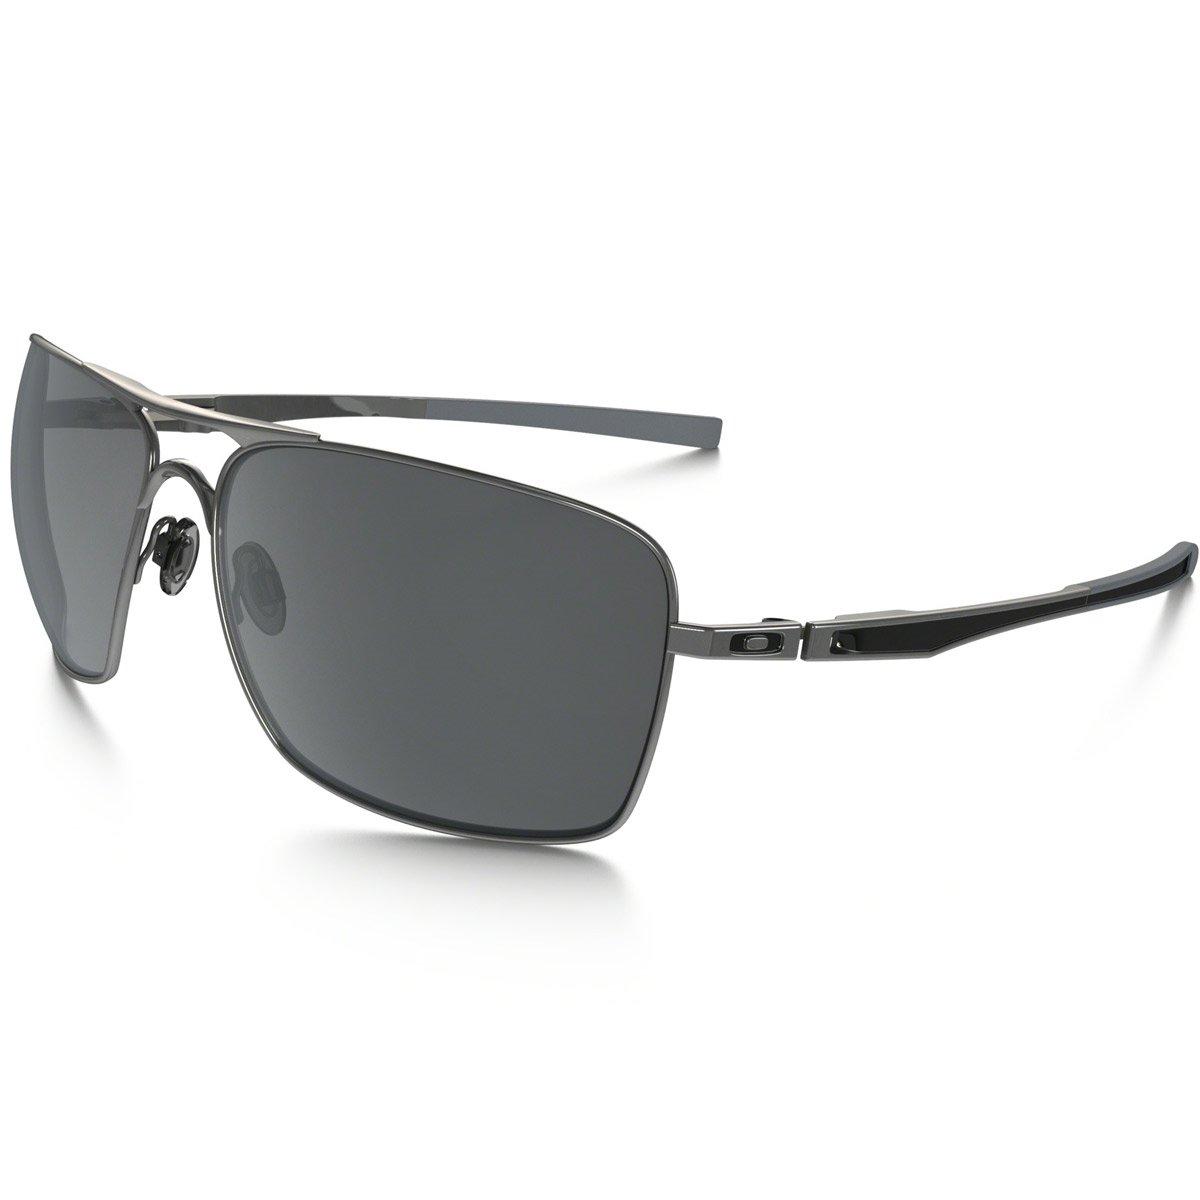 Óculos Oakley Plaintiff - W  Black Iridium Polarizado - Compre Agora    Netshoes f6ab9ab5d5